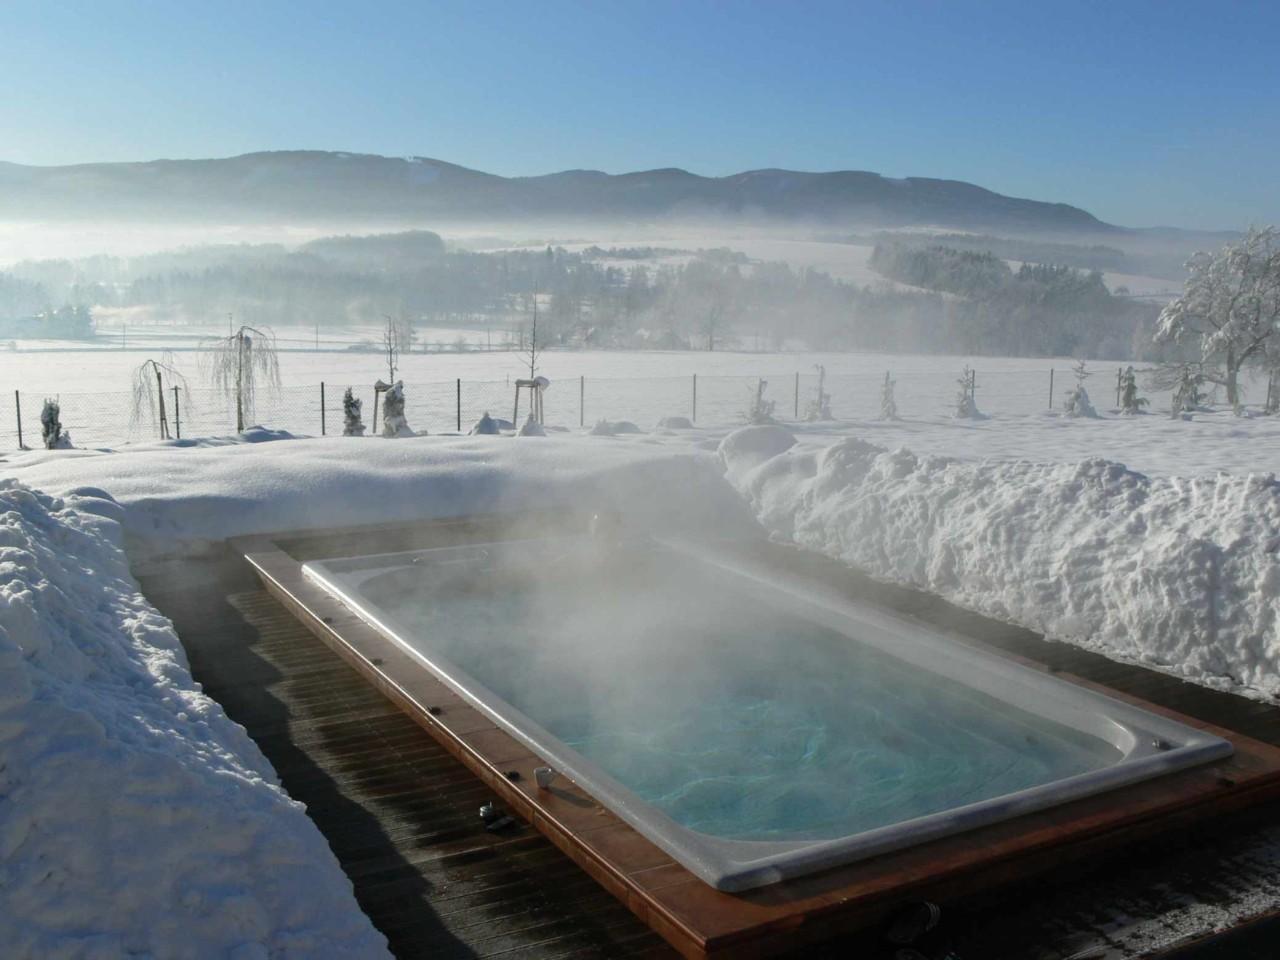 conseils pour utiliser un spa de nage en hiver et limiter la facture energetique